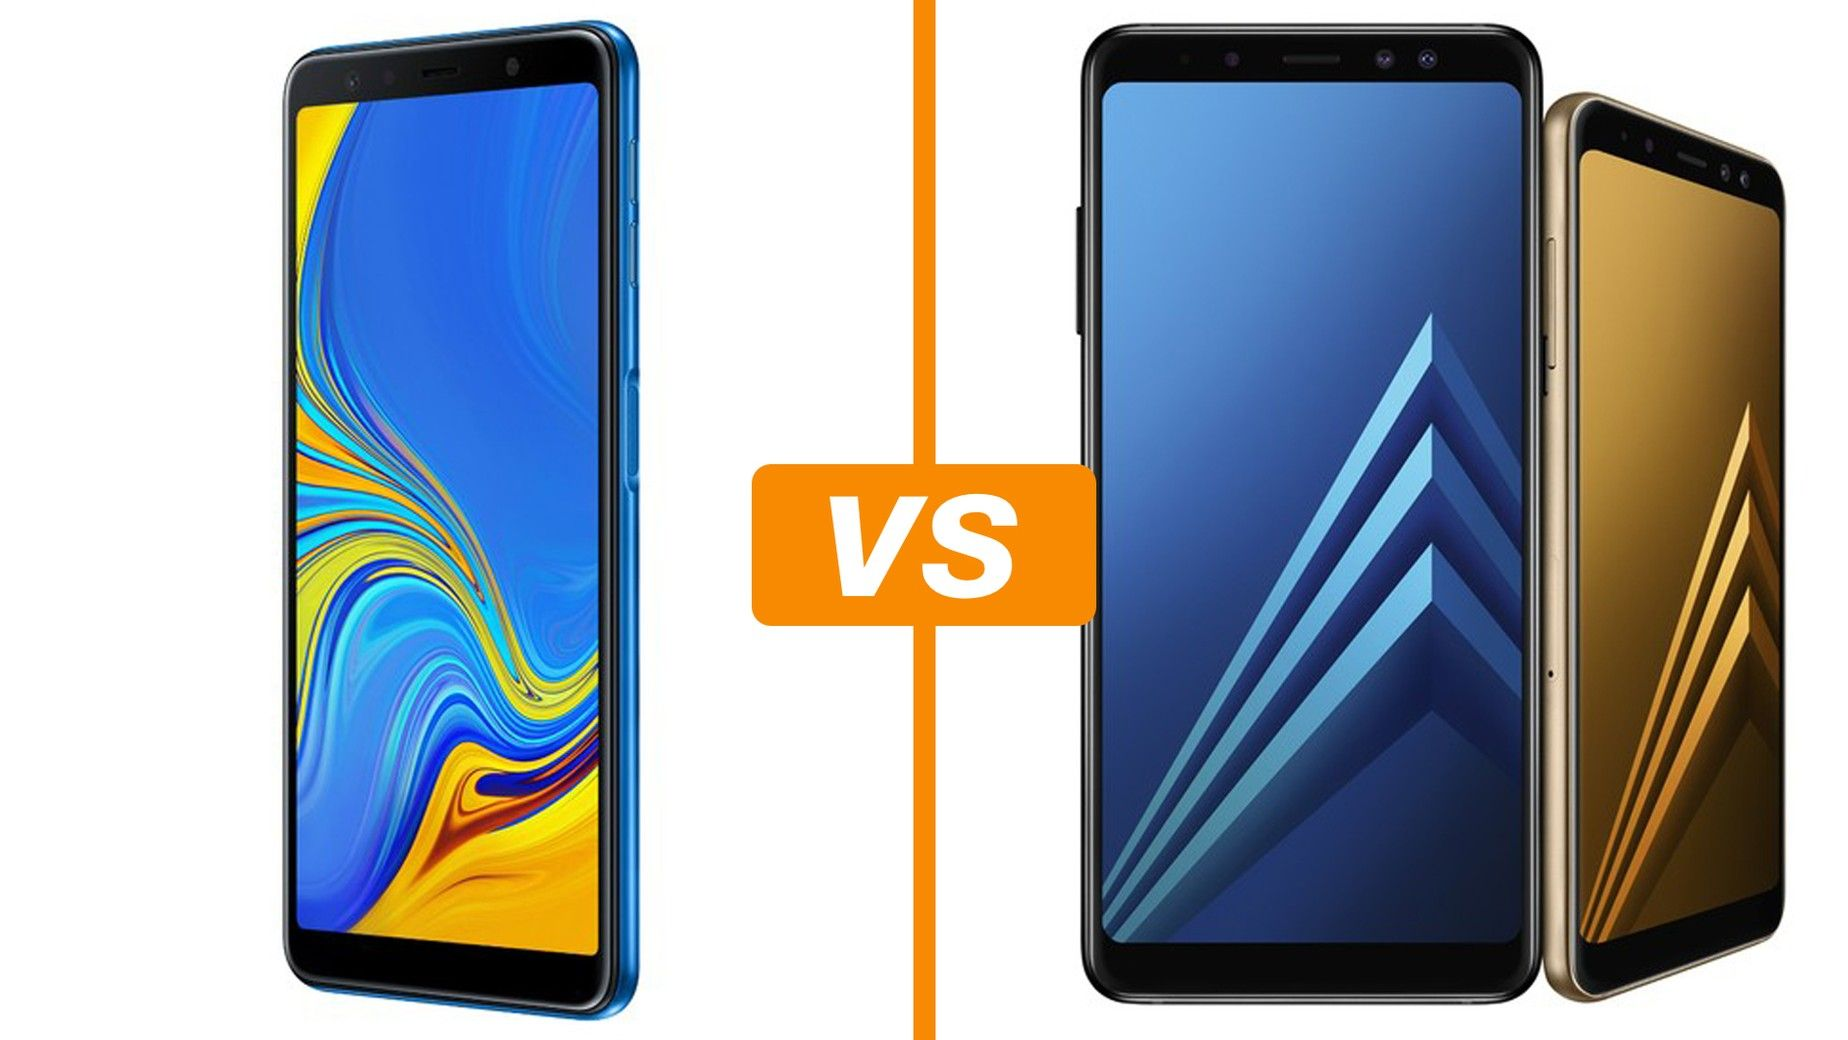 Galaxy A7 2018 X Galaxy A8 Plus Saiba Semelhancas E Diferencas